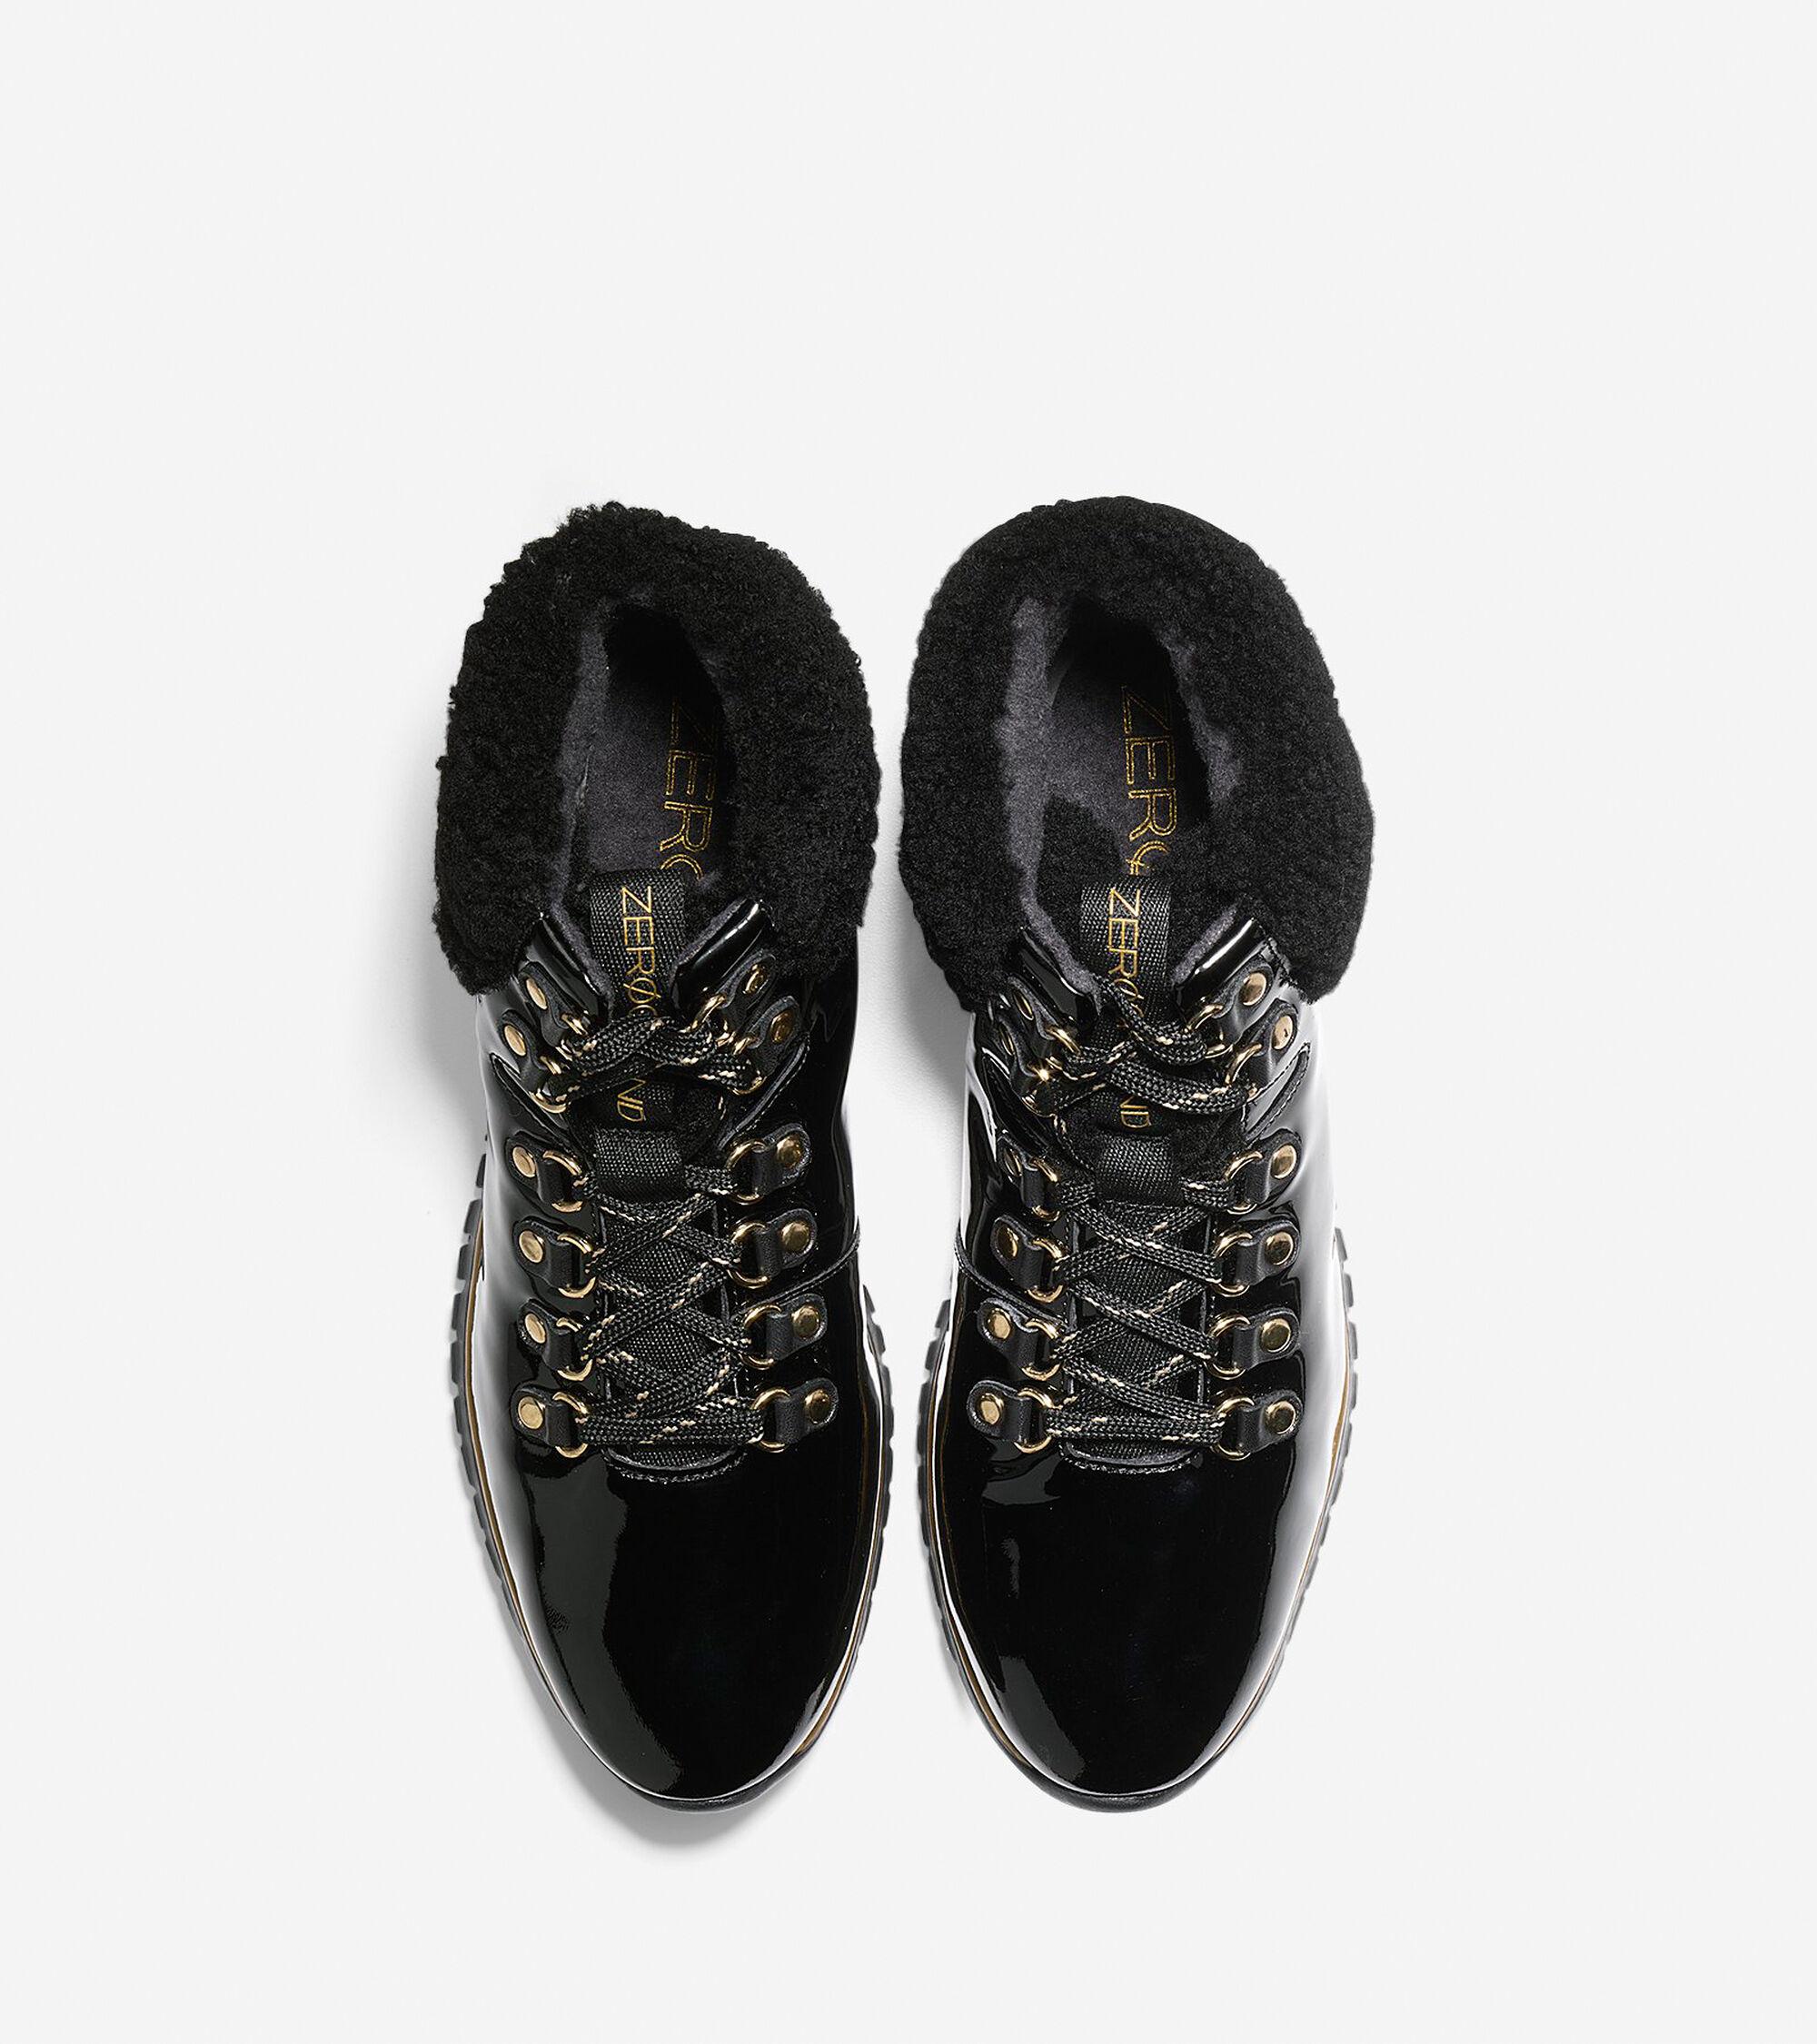 8f48dae2631d Women s ZEROGRAND Waterproof Hiker Boots in Black